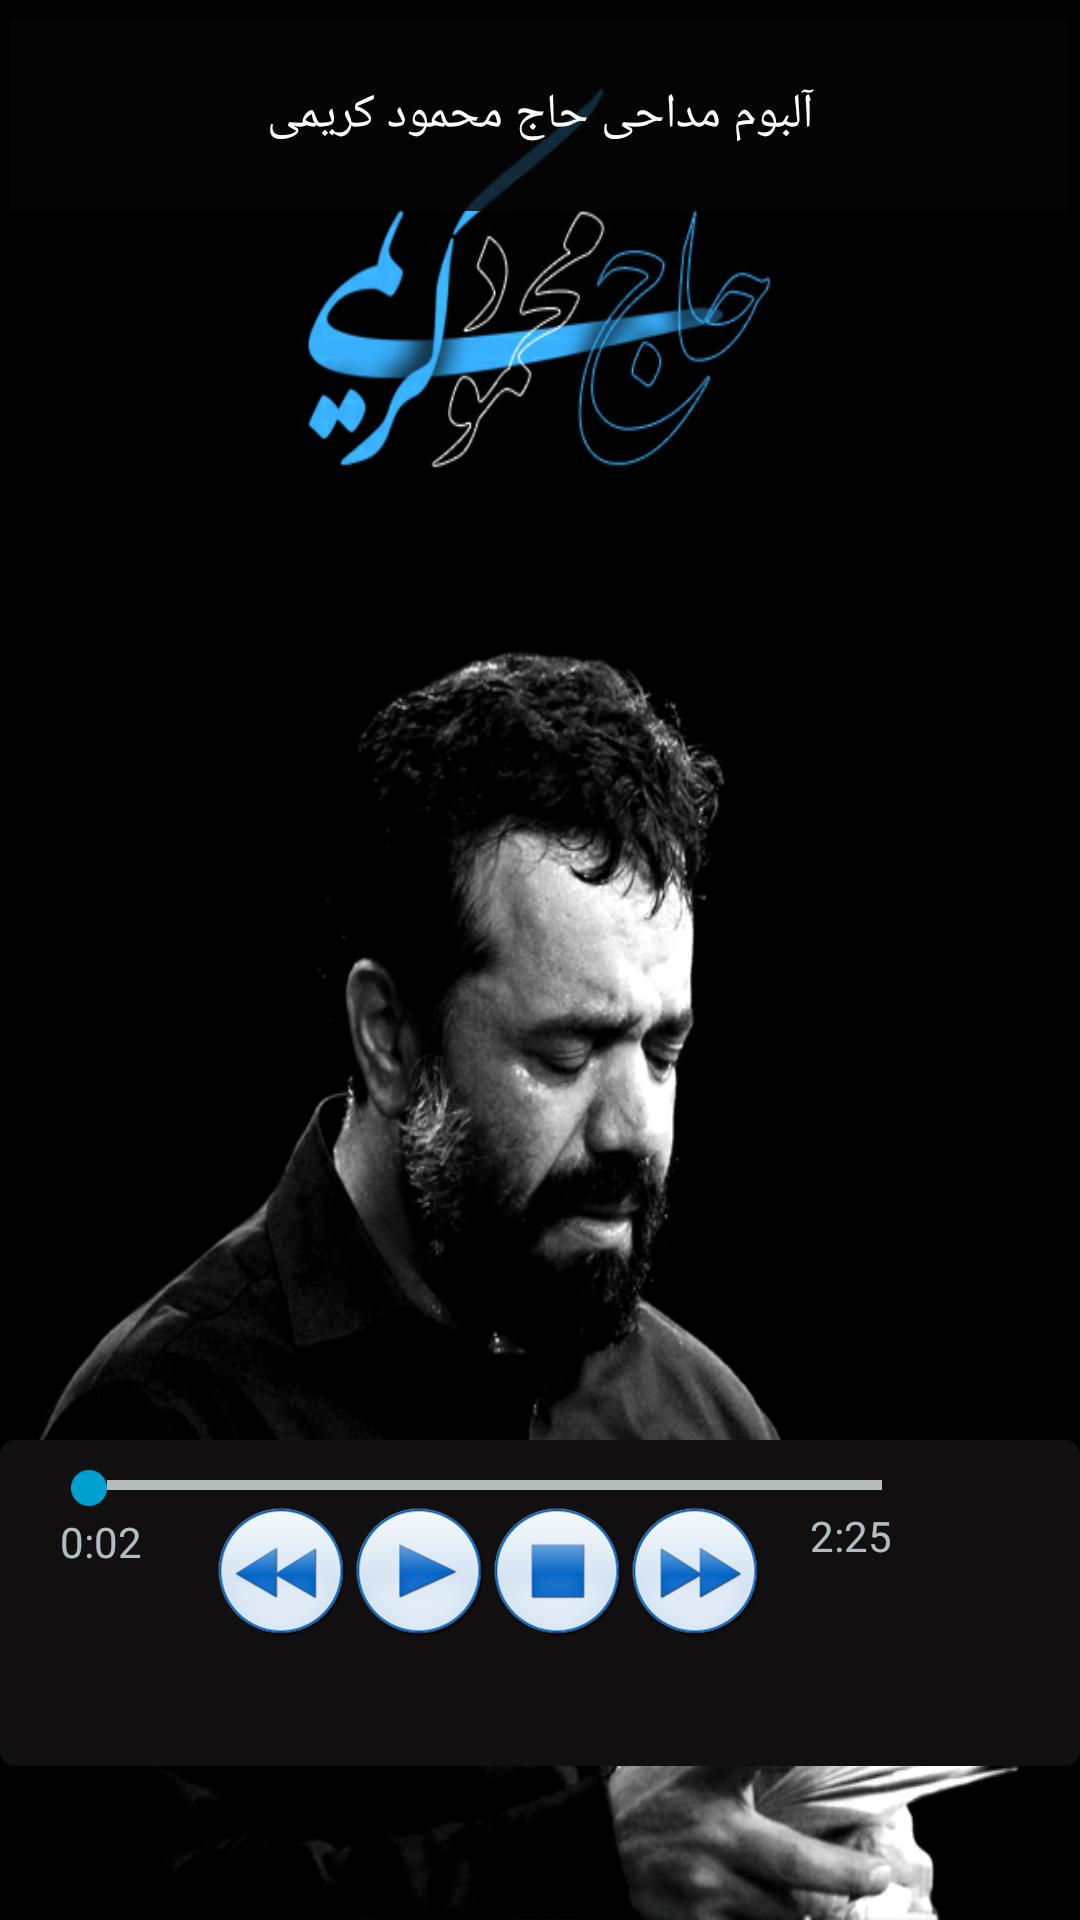 آلبوم مداحی حاج محمود کریمی 95